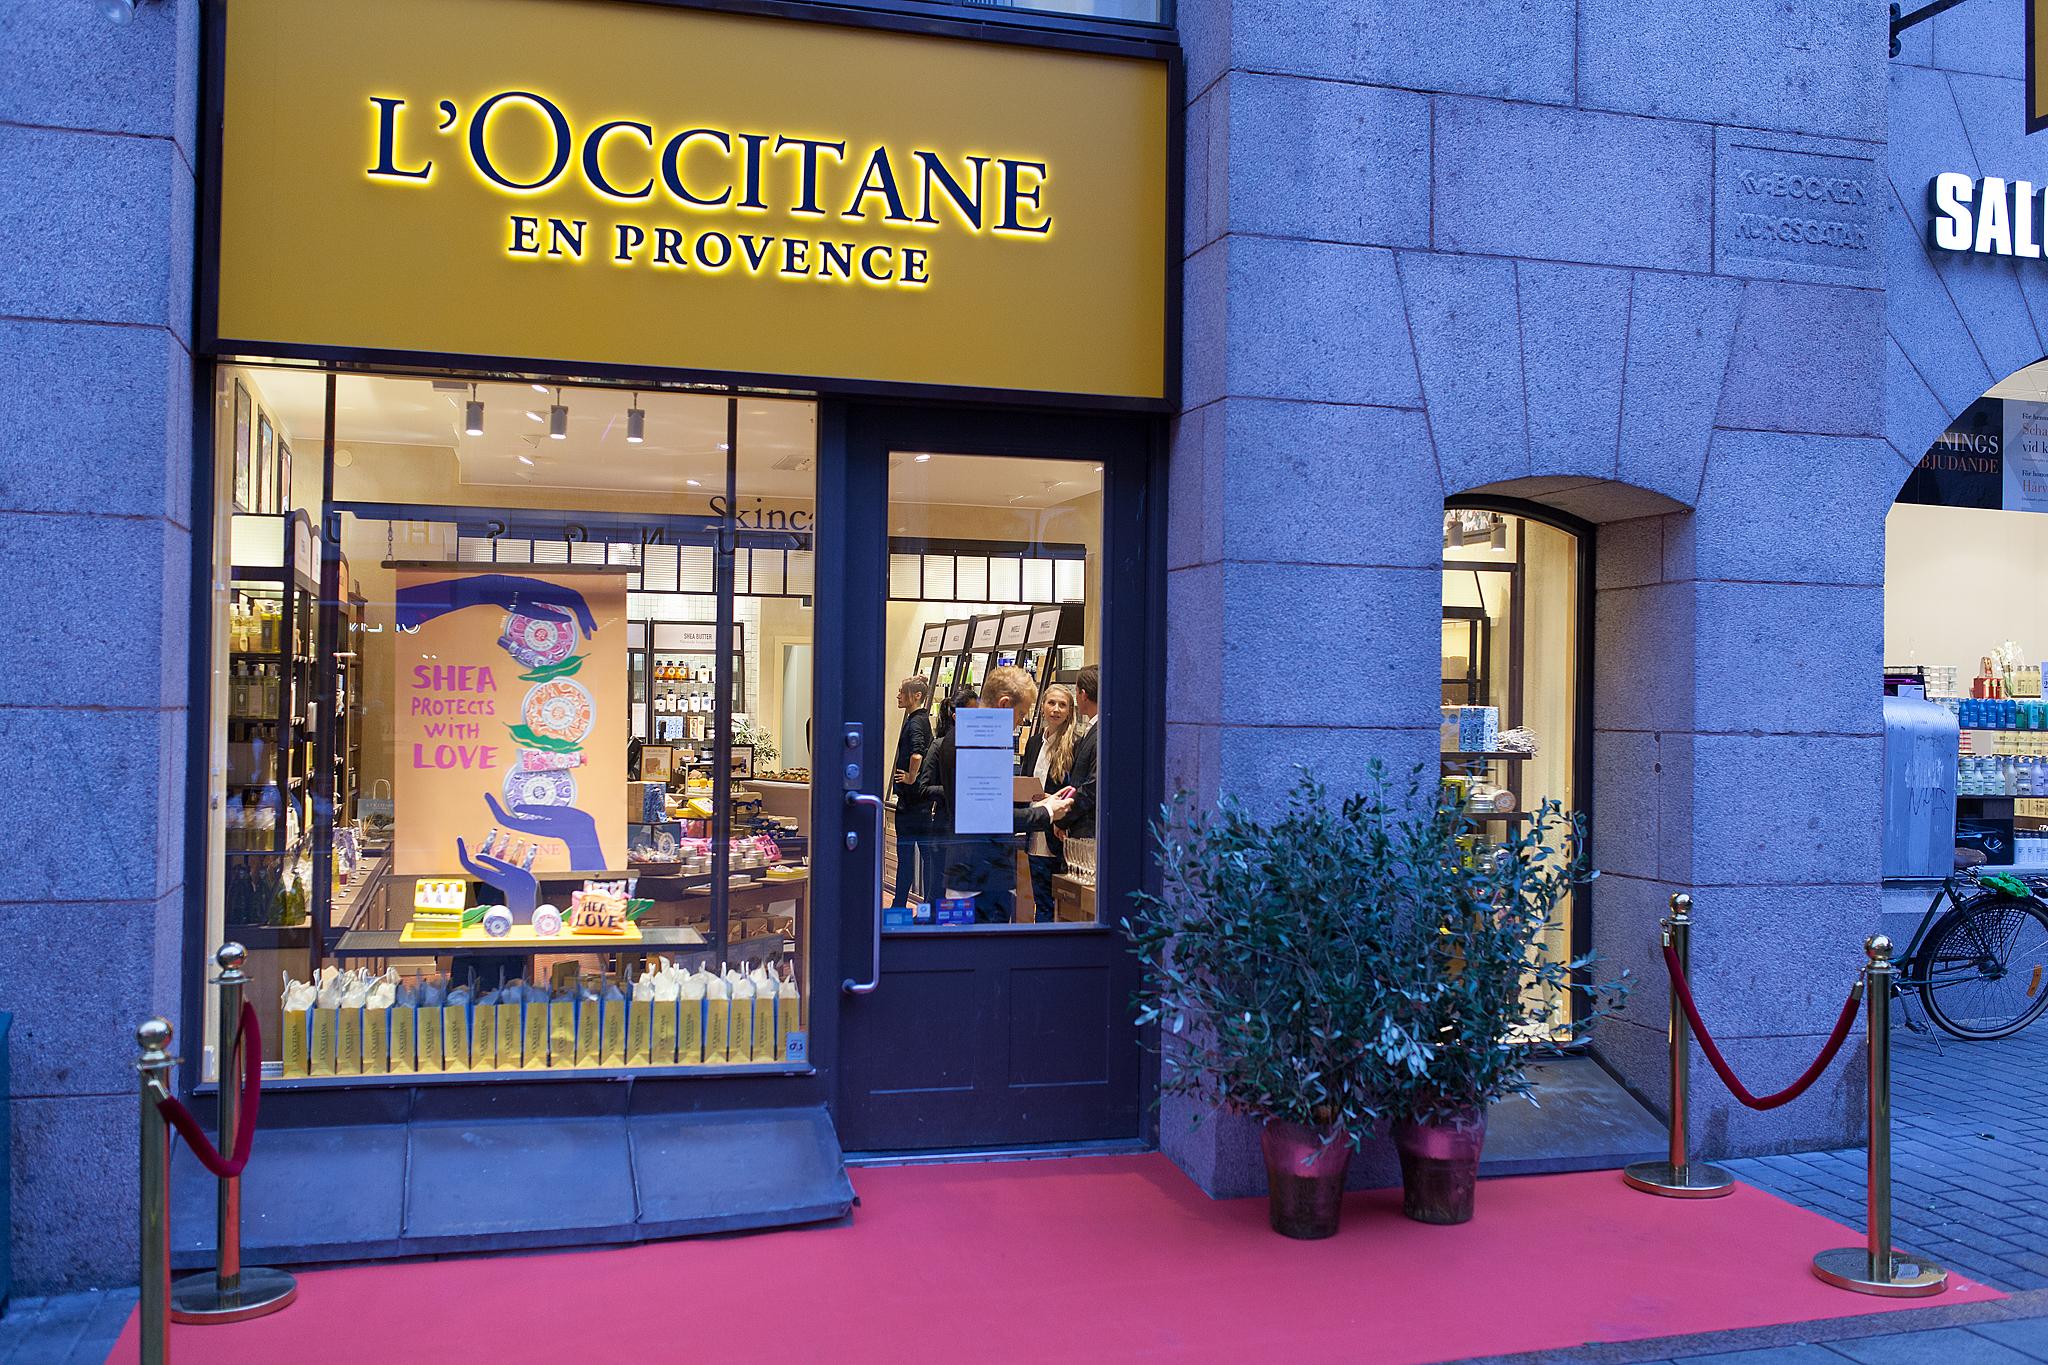 Loccitane_131017_041